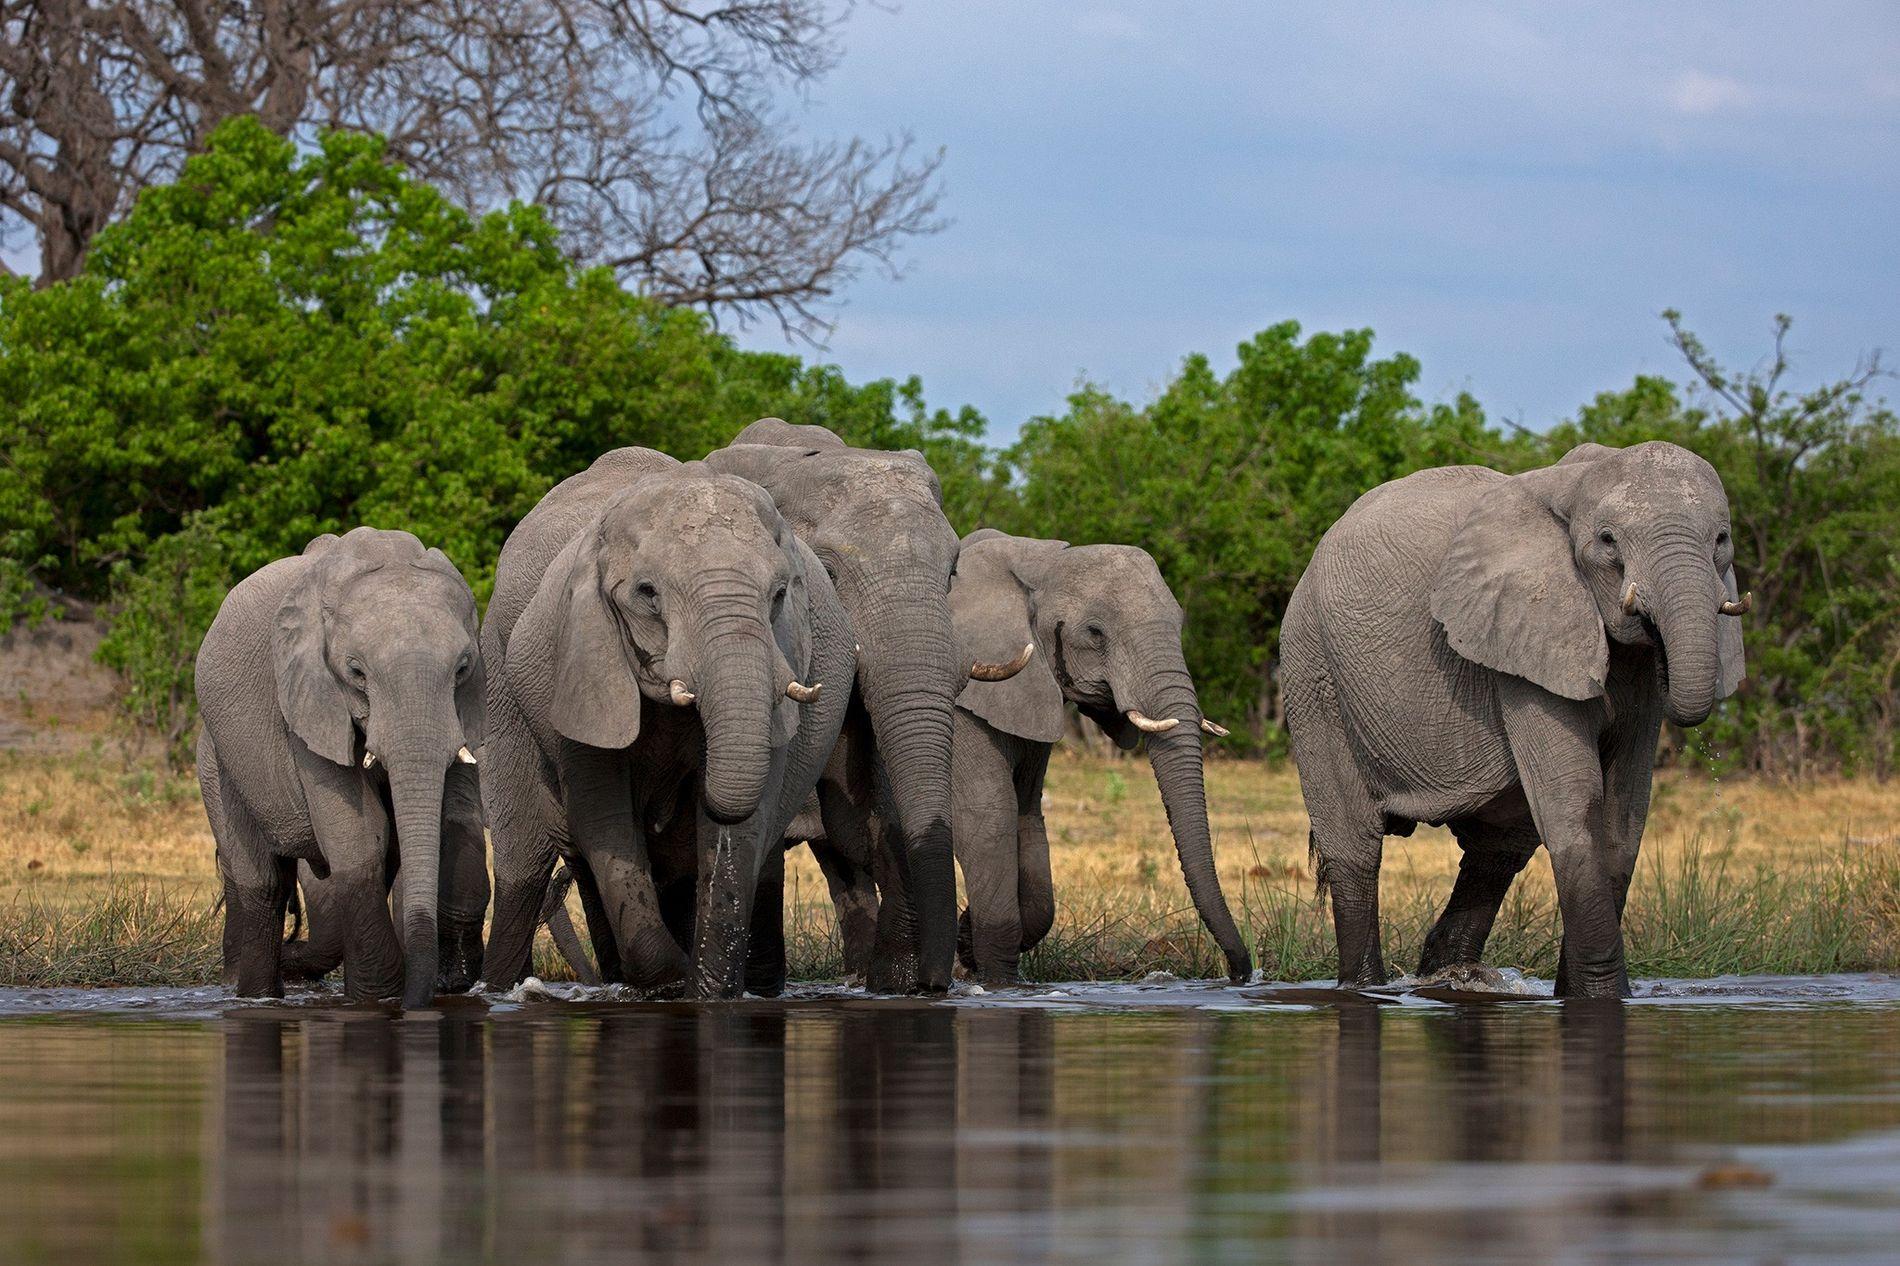 Longtemps considéré comme un modèle en matière de conservation des espèces sauvages, le Botswana abrite environ un tiers de la population d'éléphants de savane d'Afrique.